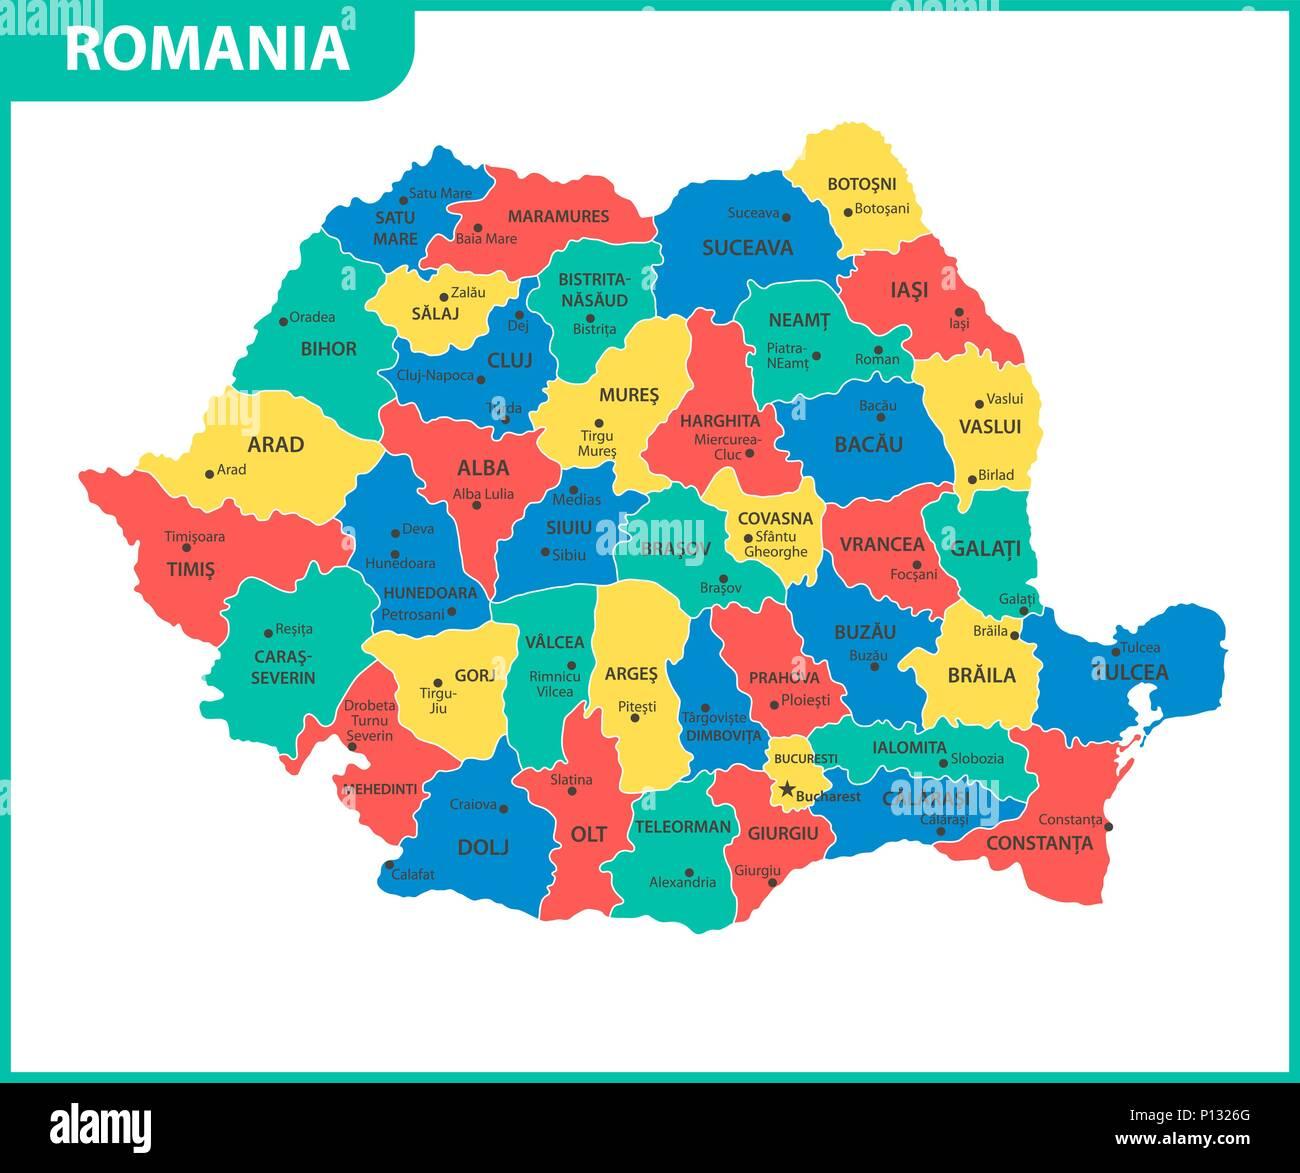 Cartina Geografica Politica Della Romania.La Mappa Dettagliata Della Romania Con Le Regioni O Gli Stati E Le Citta Capitali Divisione Amministrativa Immagine E Vettoriale Alamy